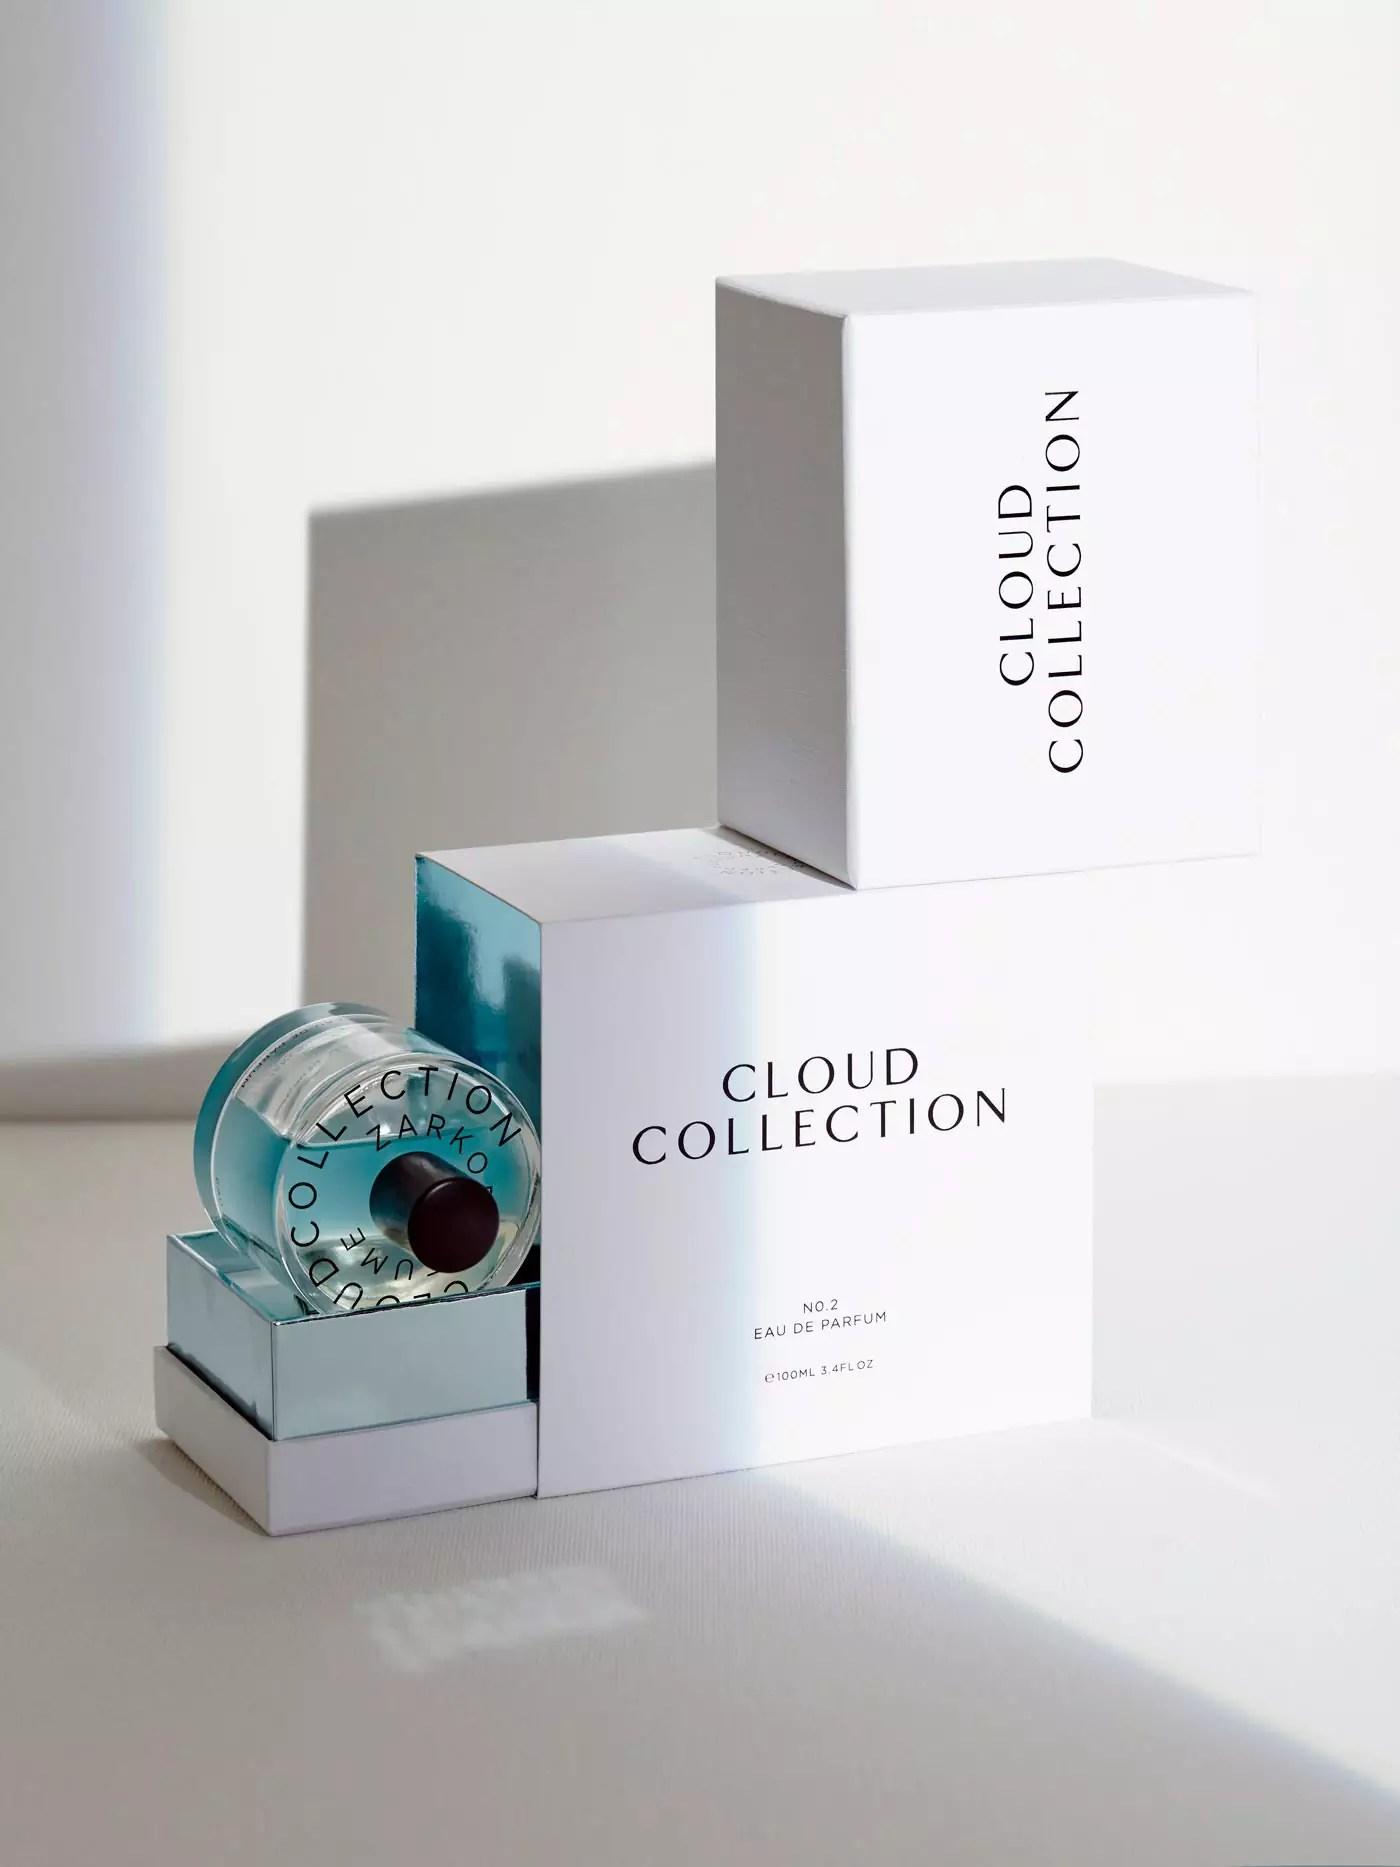 Zarko Perfume Packaging Design Mindsparkle Mag